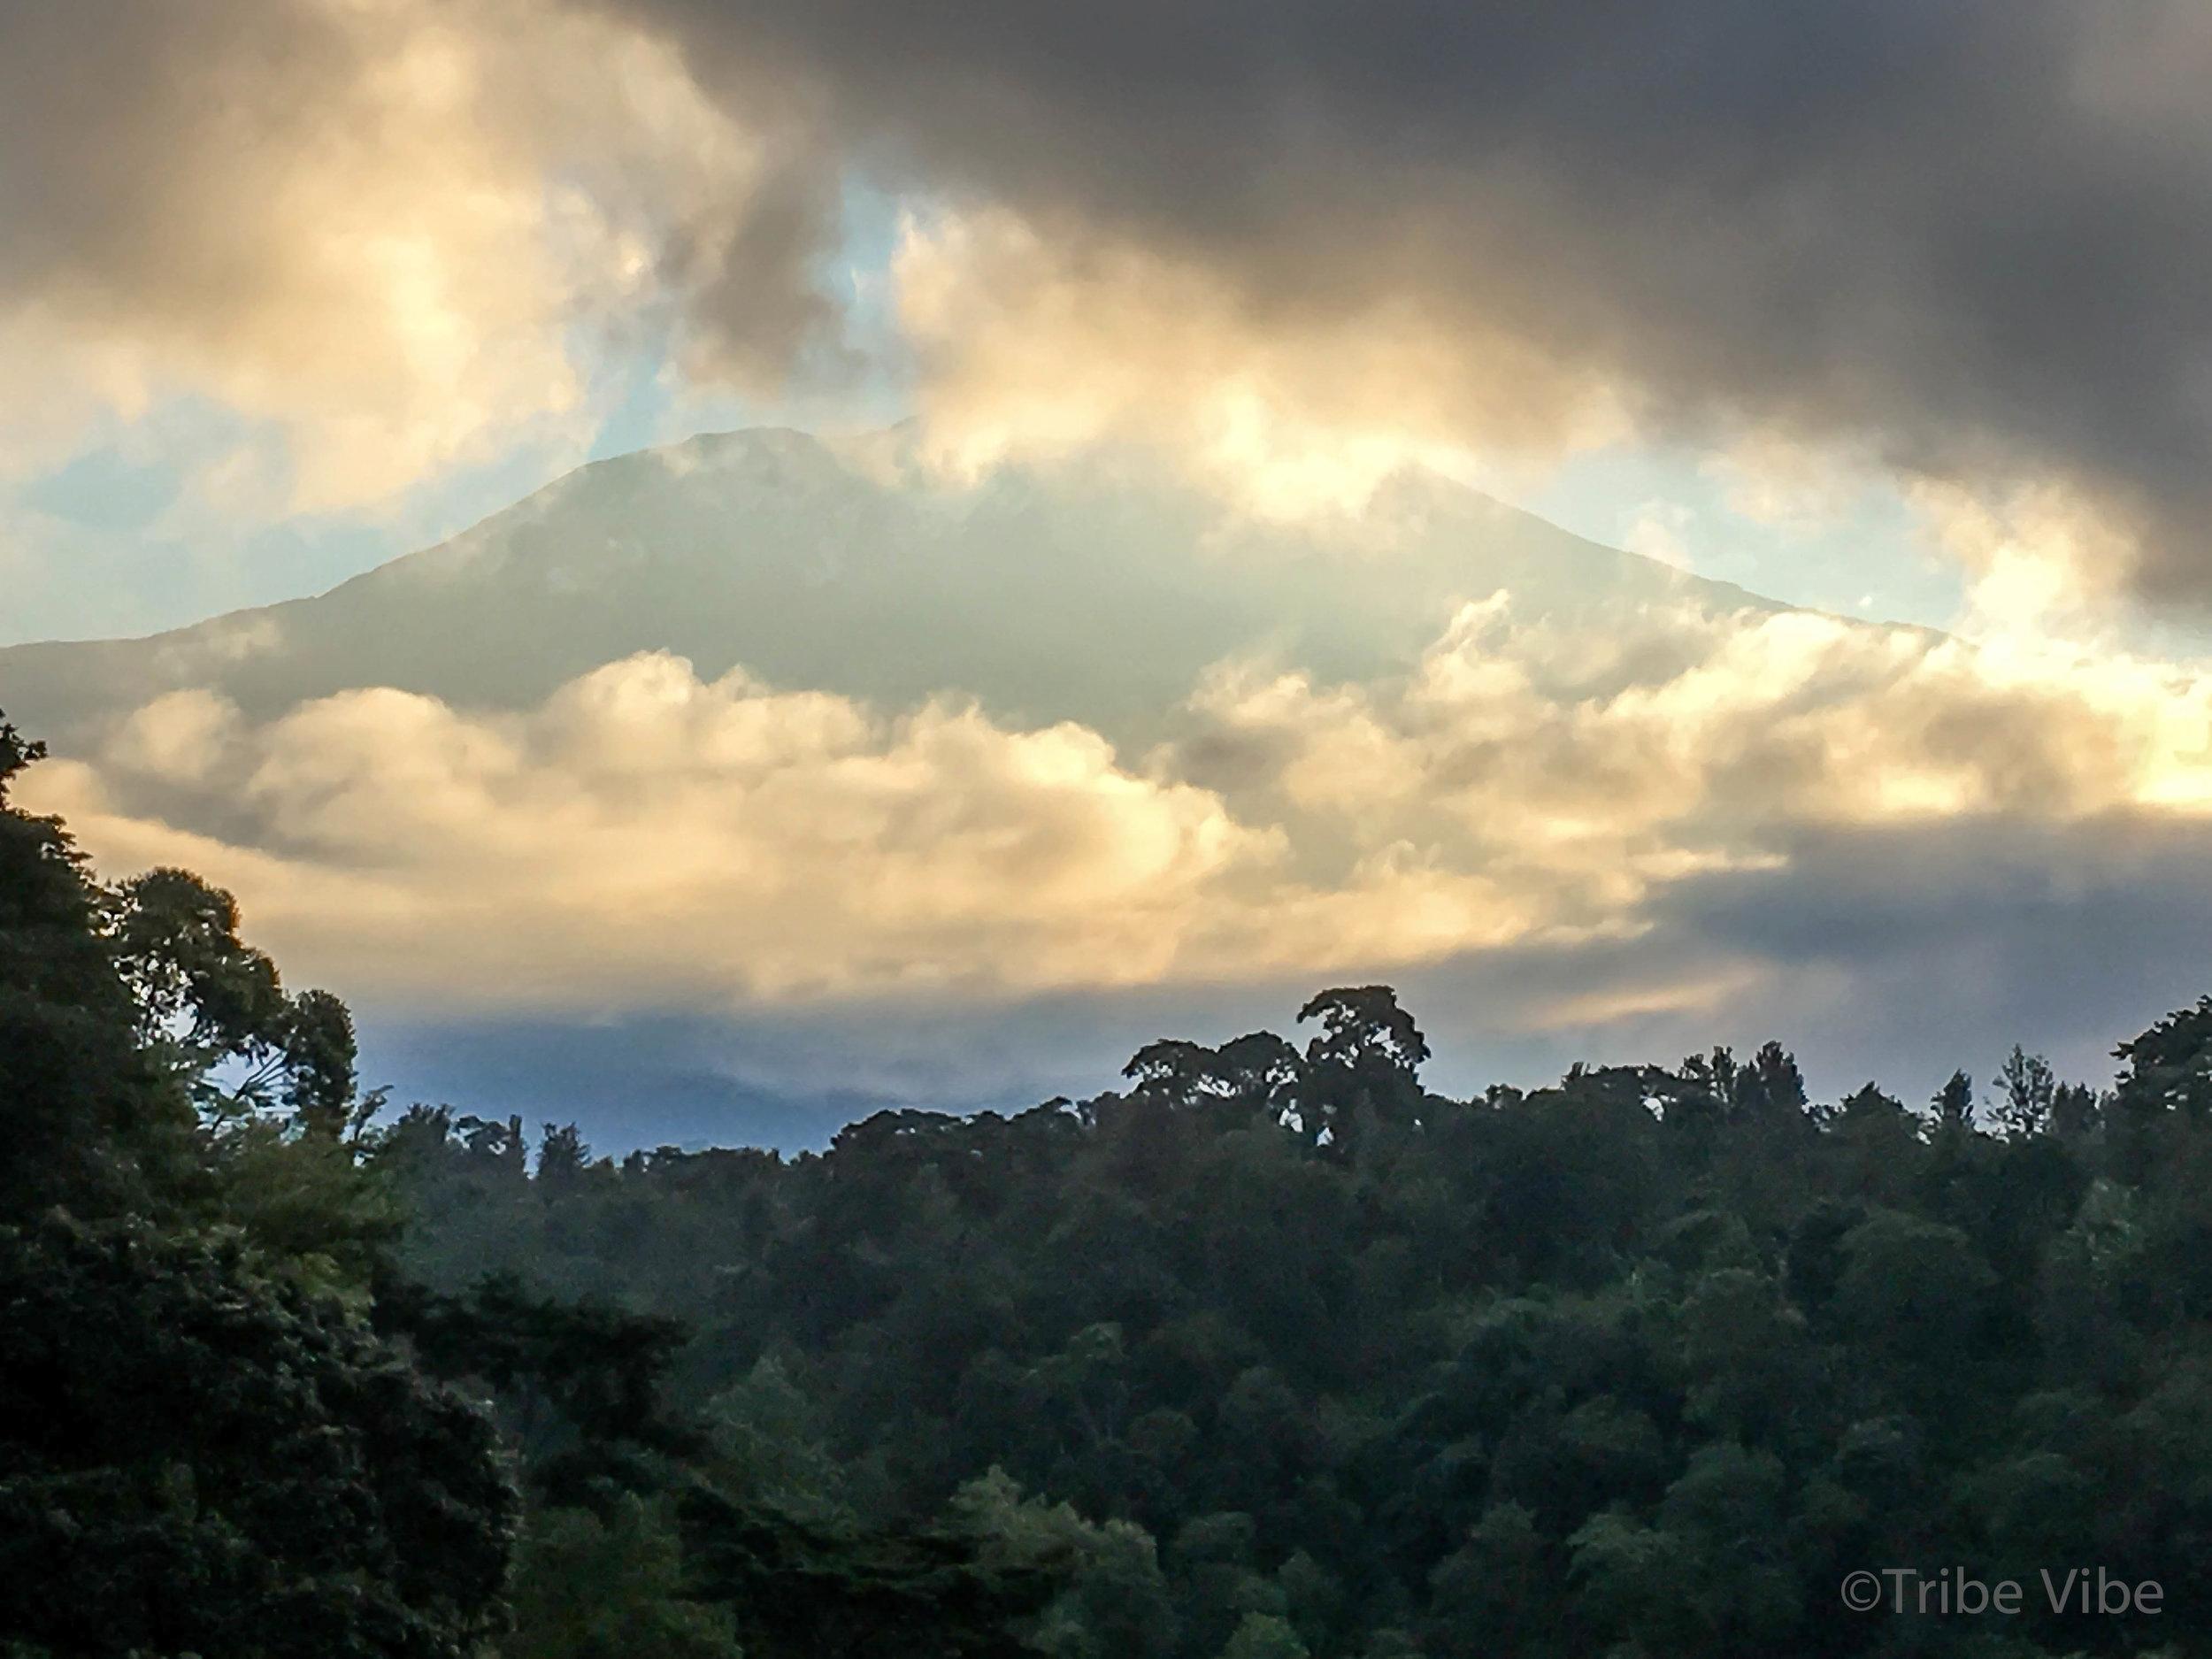 The beautiful Mount Kiliminjaro, Tanzania.